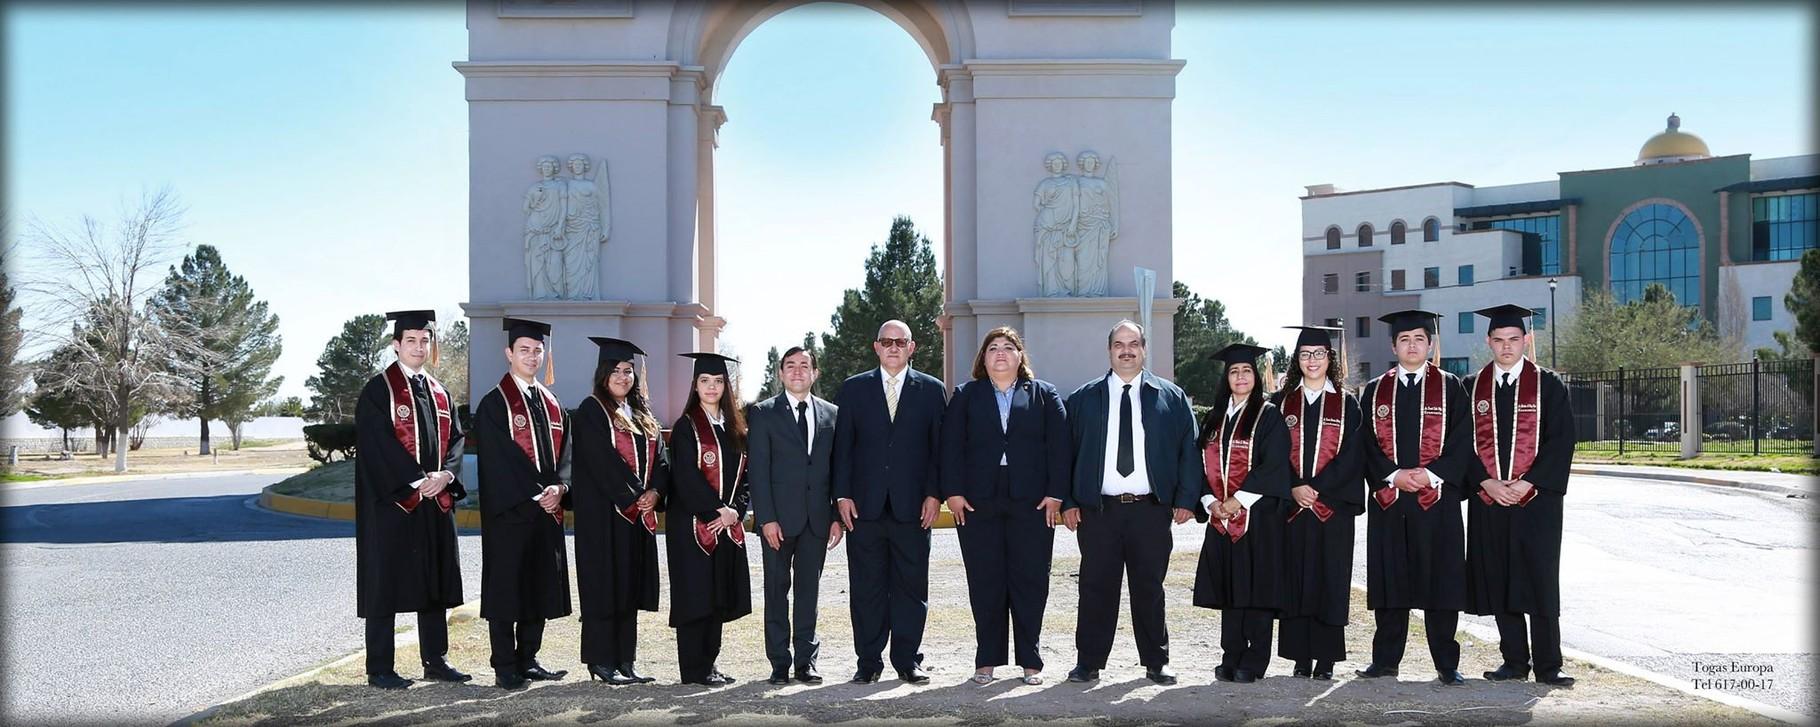 Graduados de la Licenciatura en Economía de la UACJ, 2015.